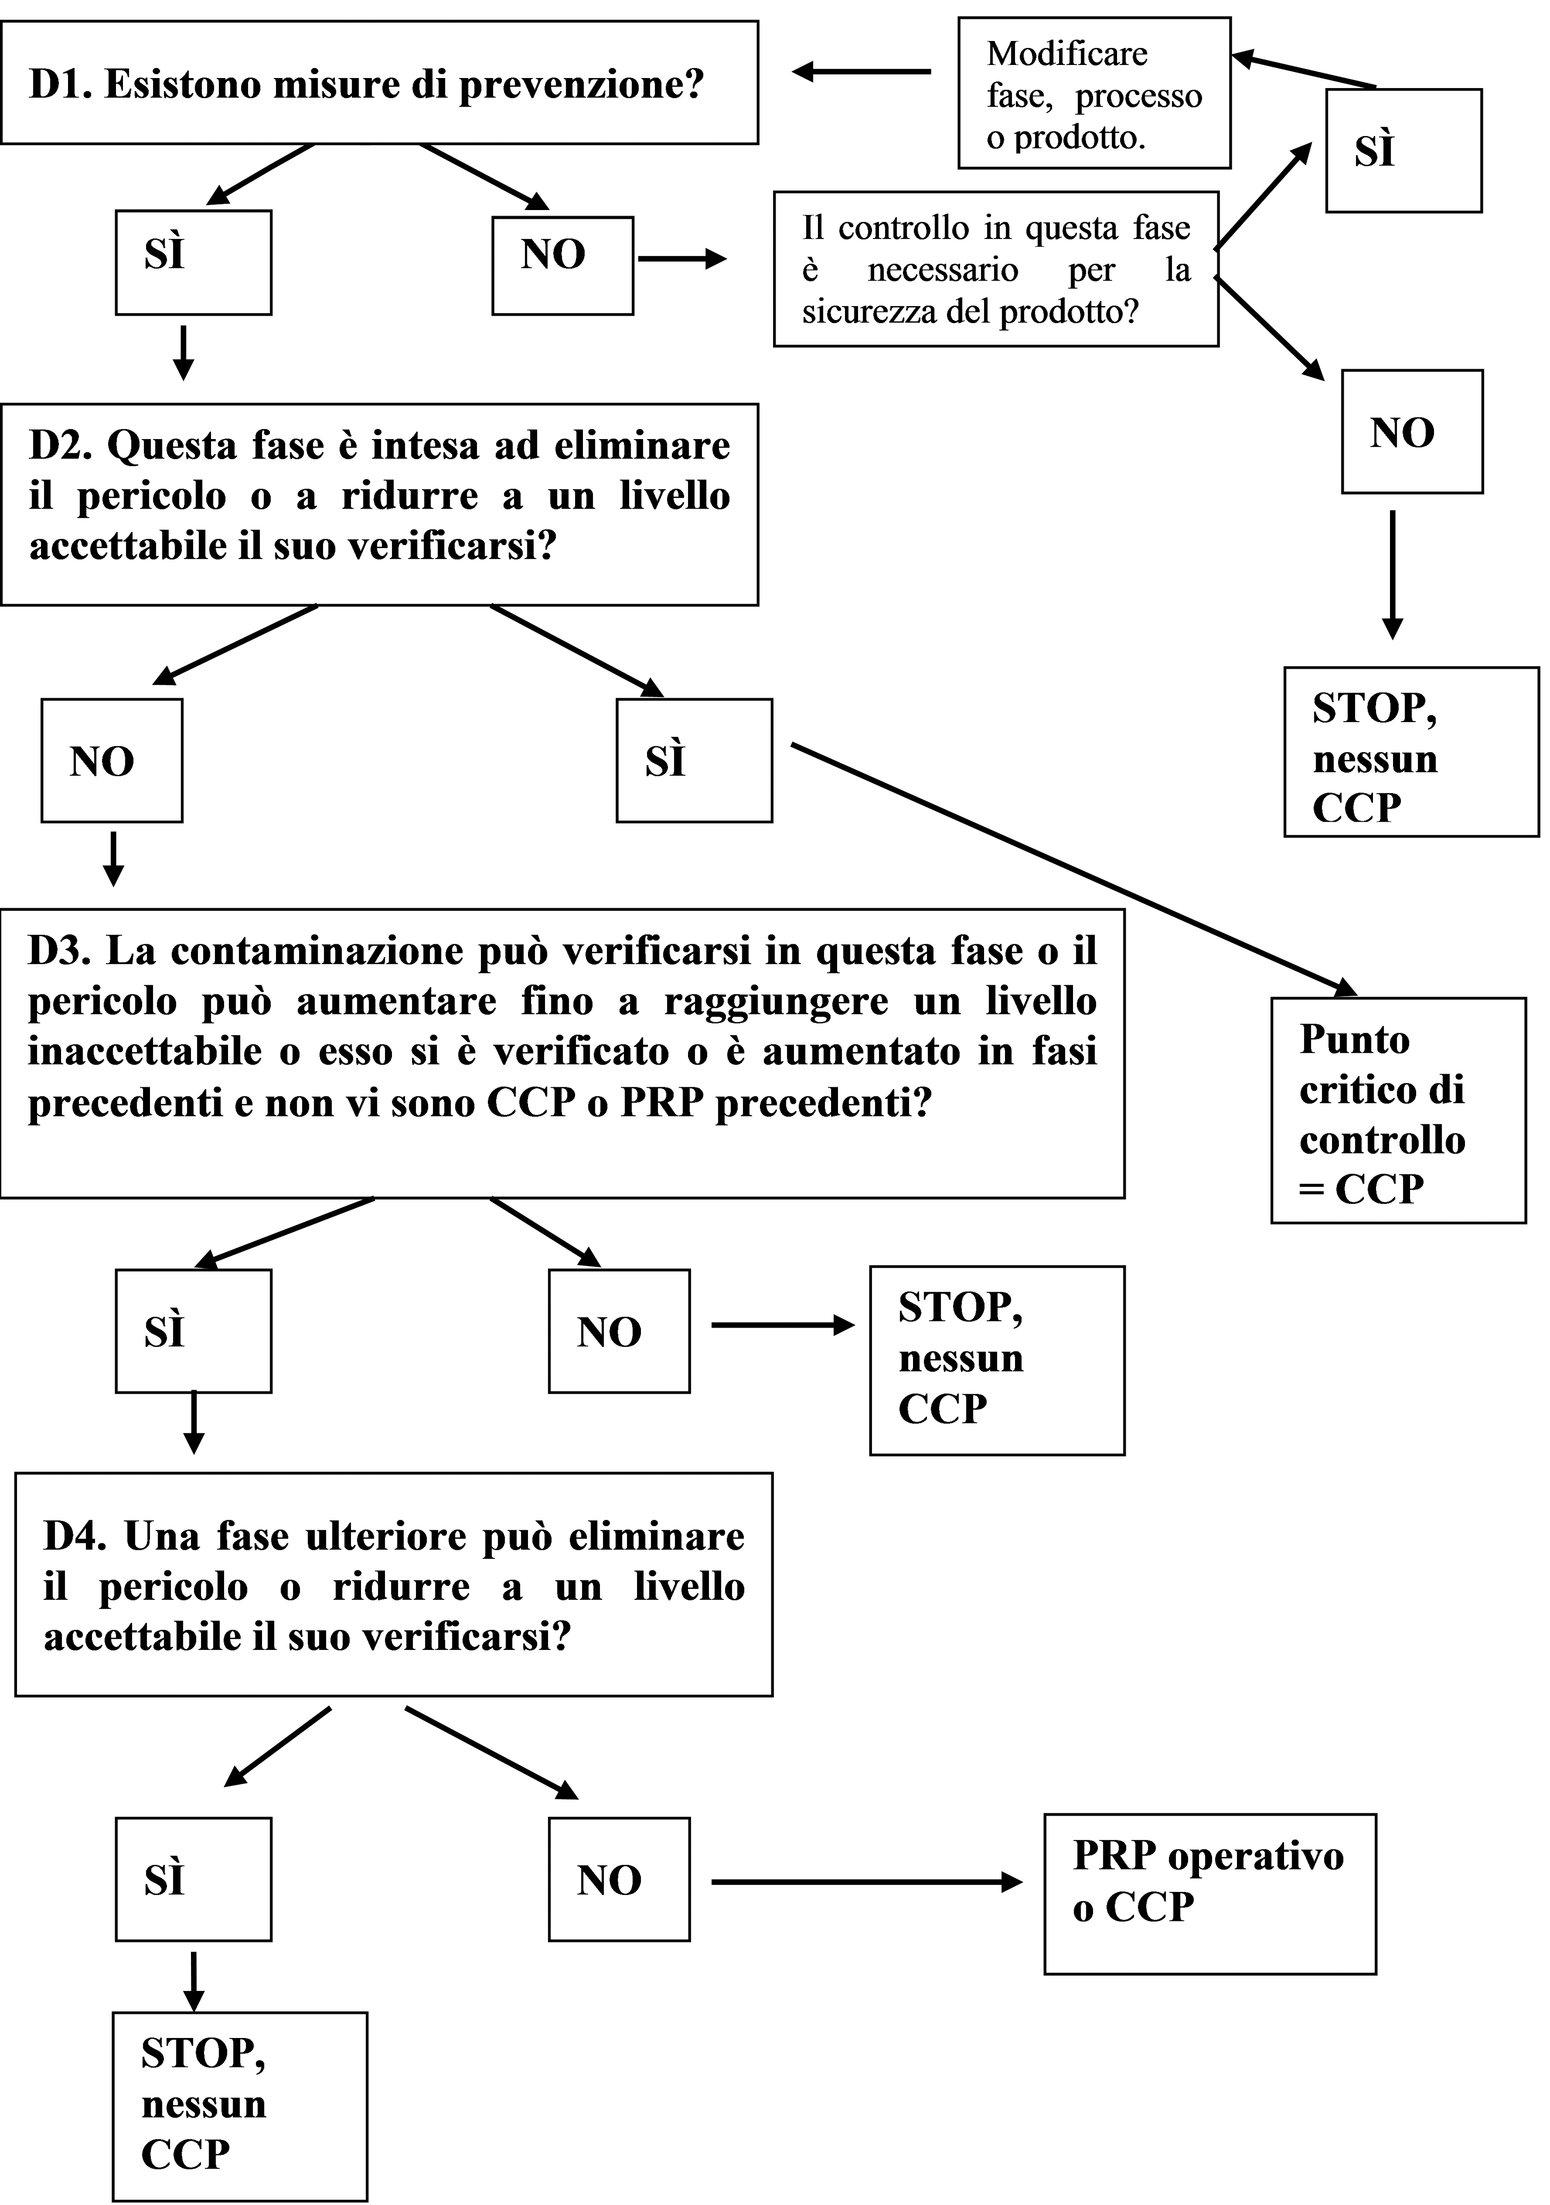 http eur-lex.europa.eu legal-content en txt pdf uri celex 31994h1069&from en